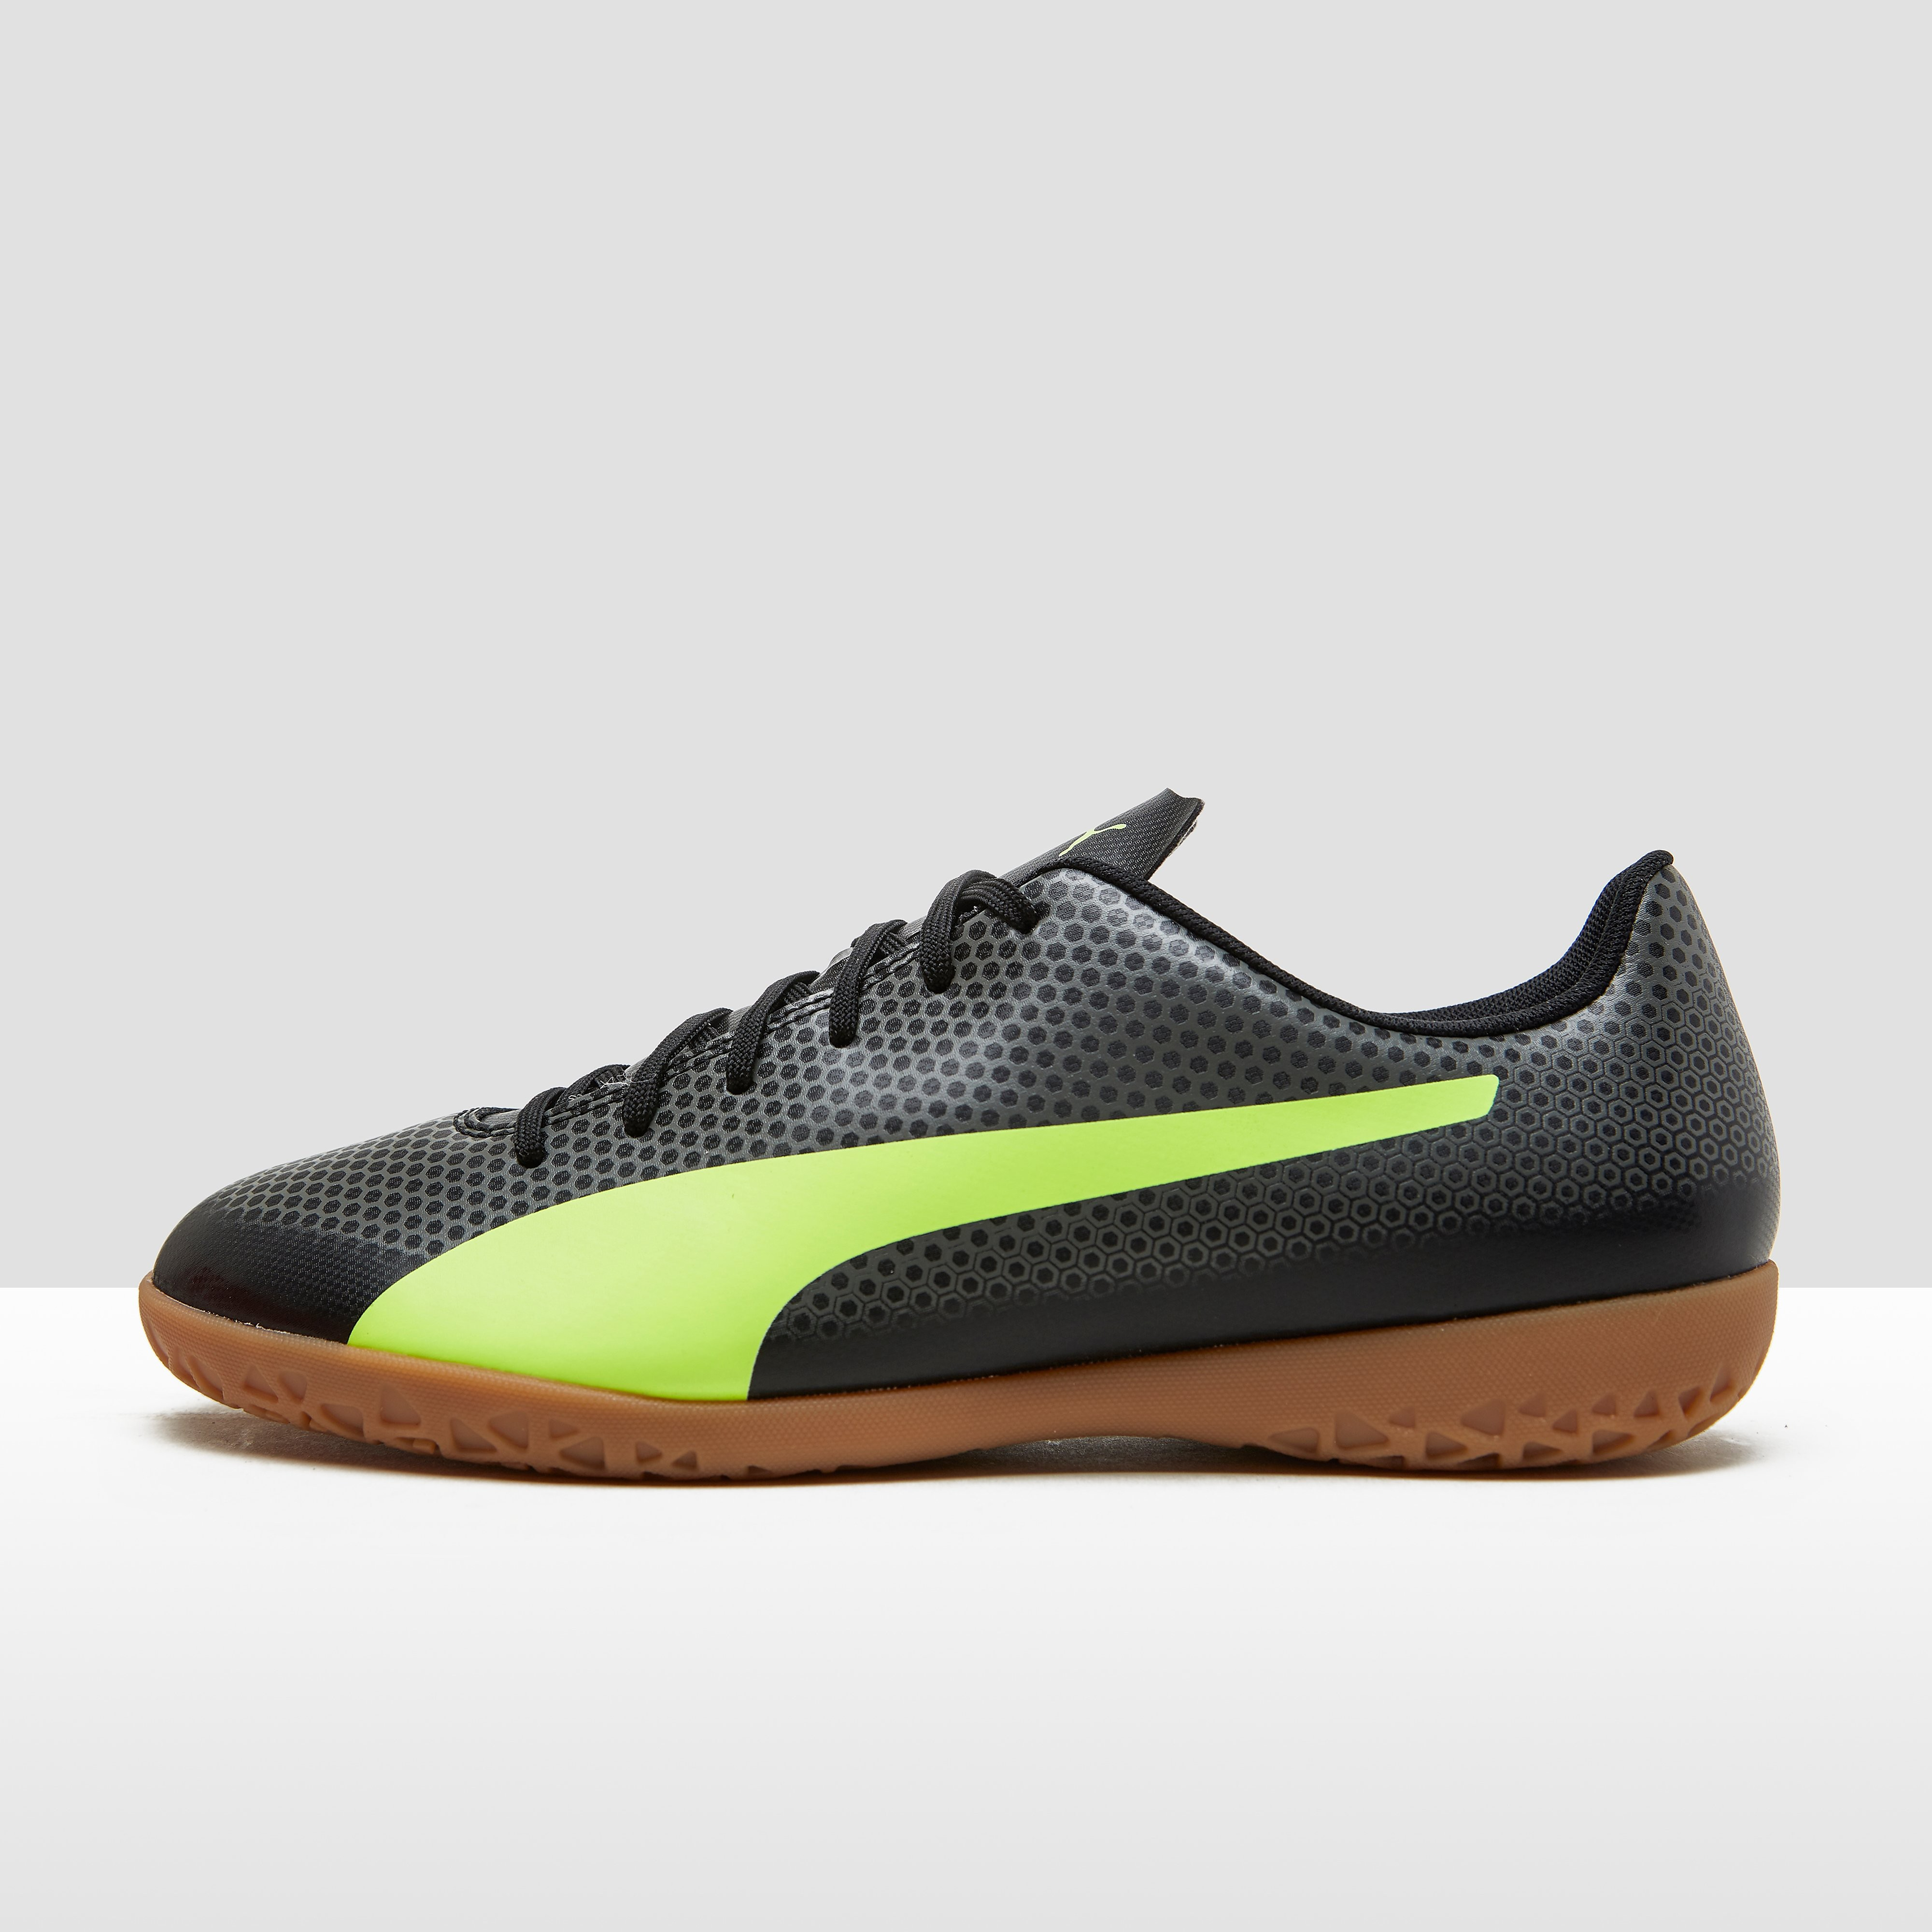 Mens Spirit It Voetbalschoenen Zwart-Geel Heren. Size 46